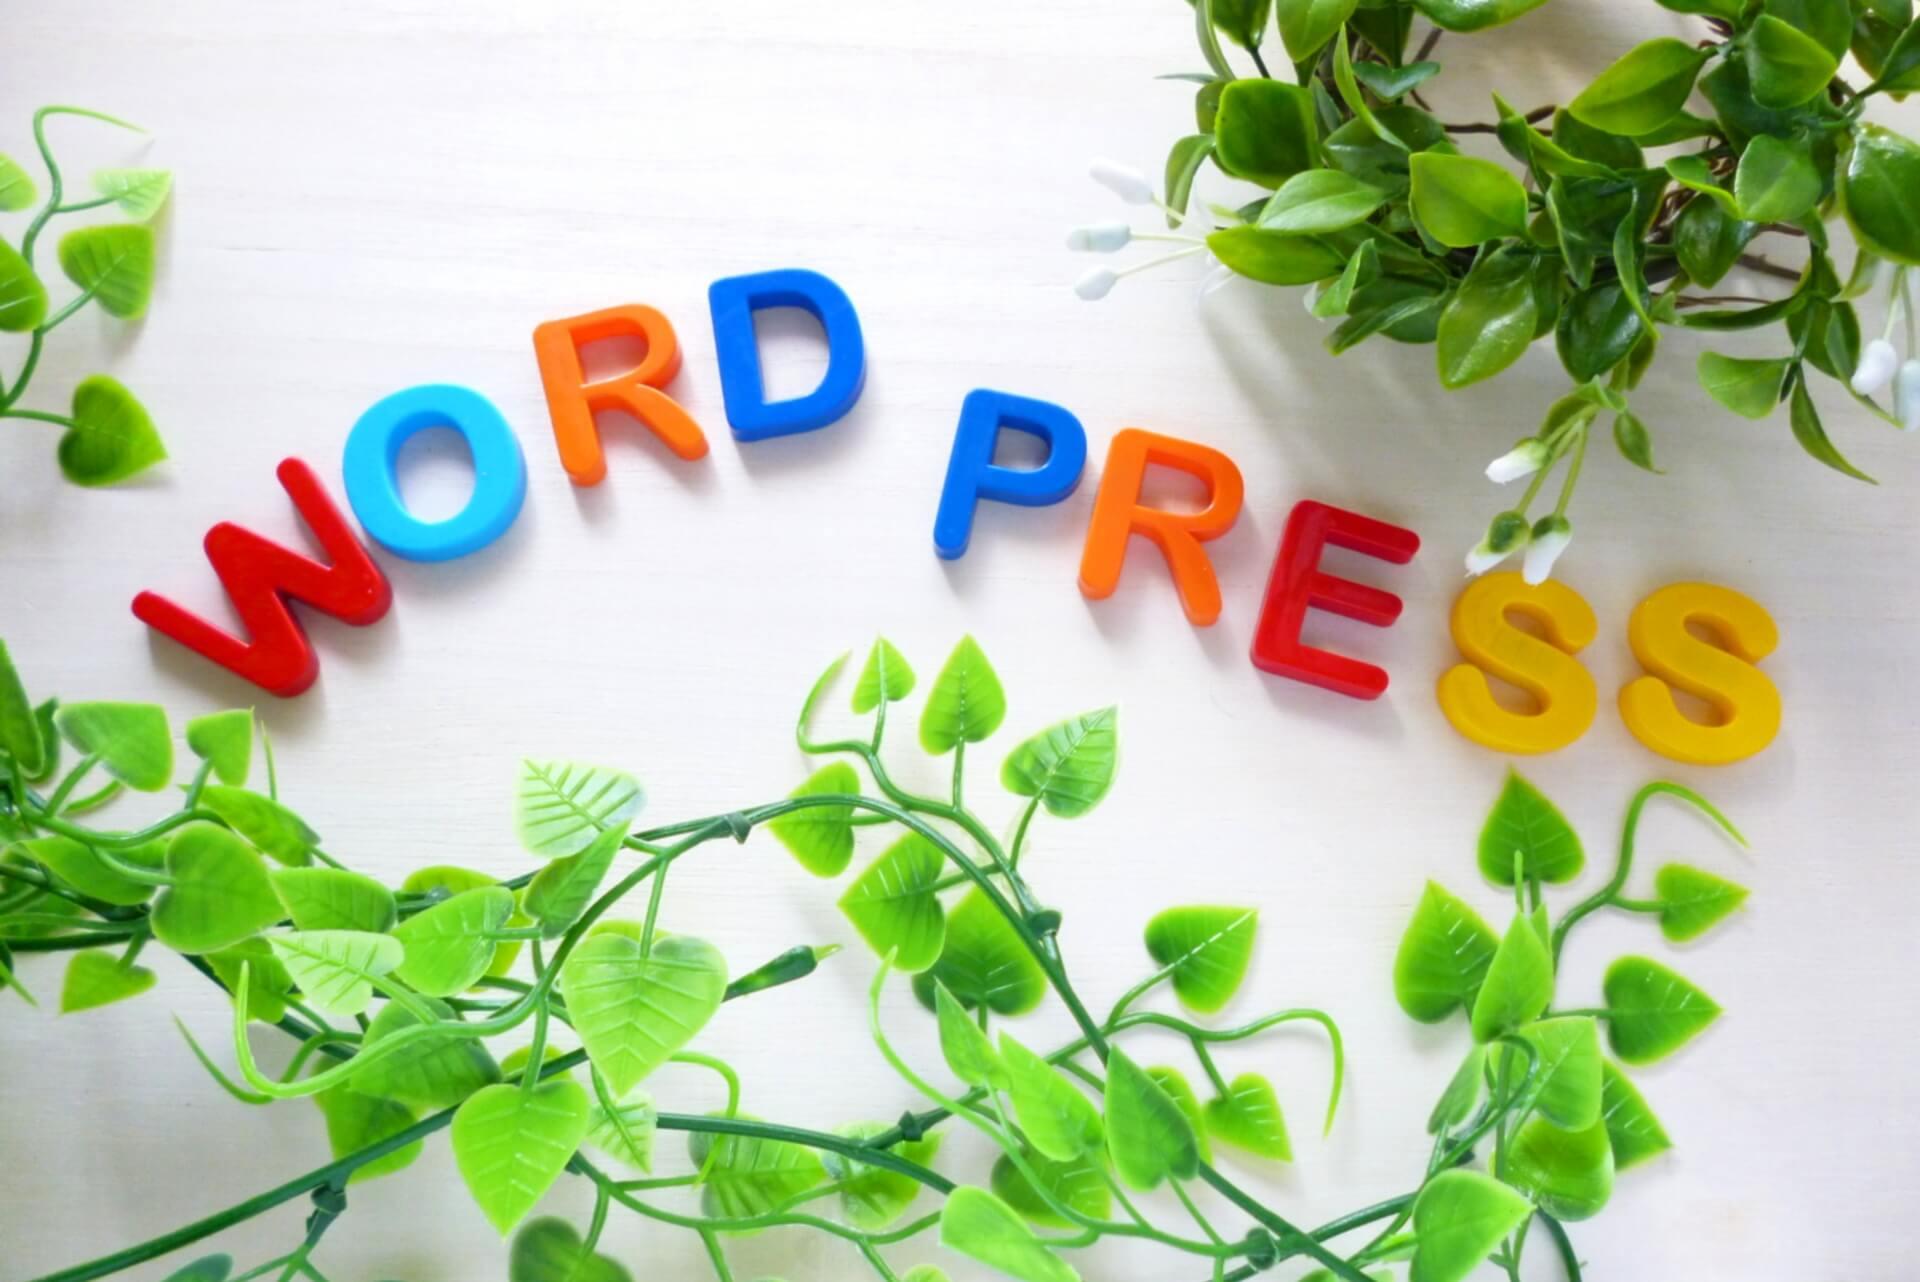 WordPressのテーマとは?選び方4つのポイントも併せて解説